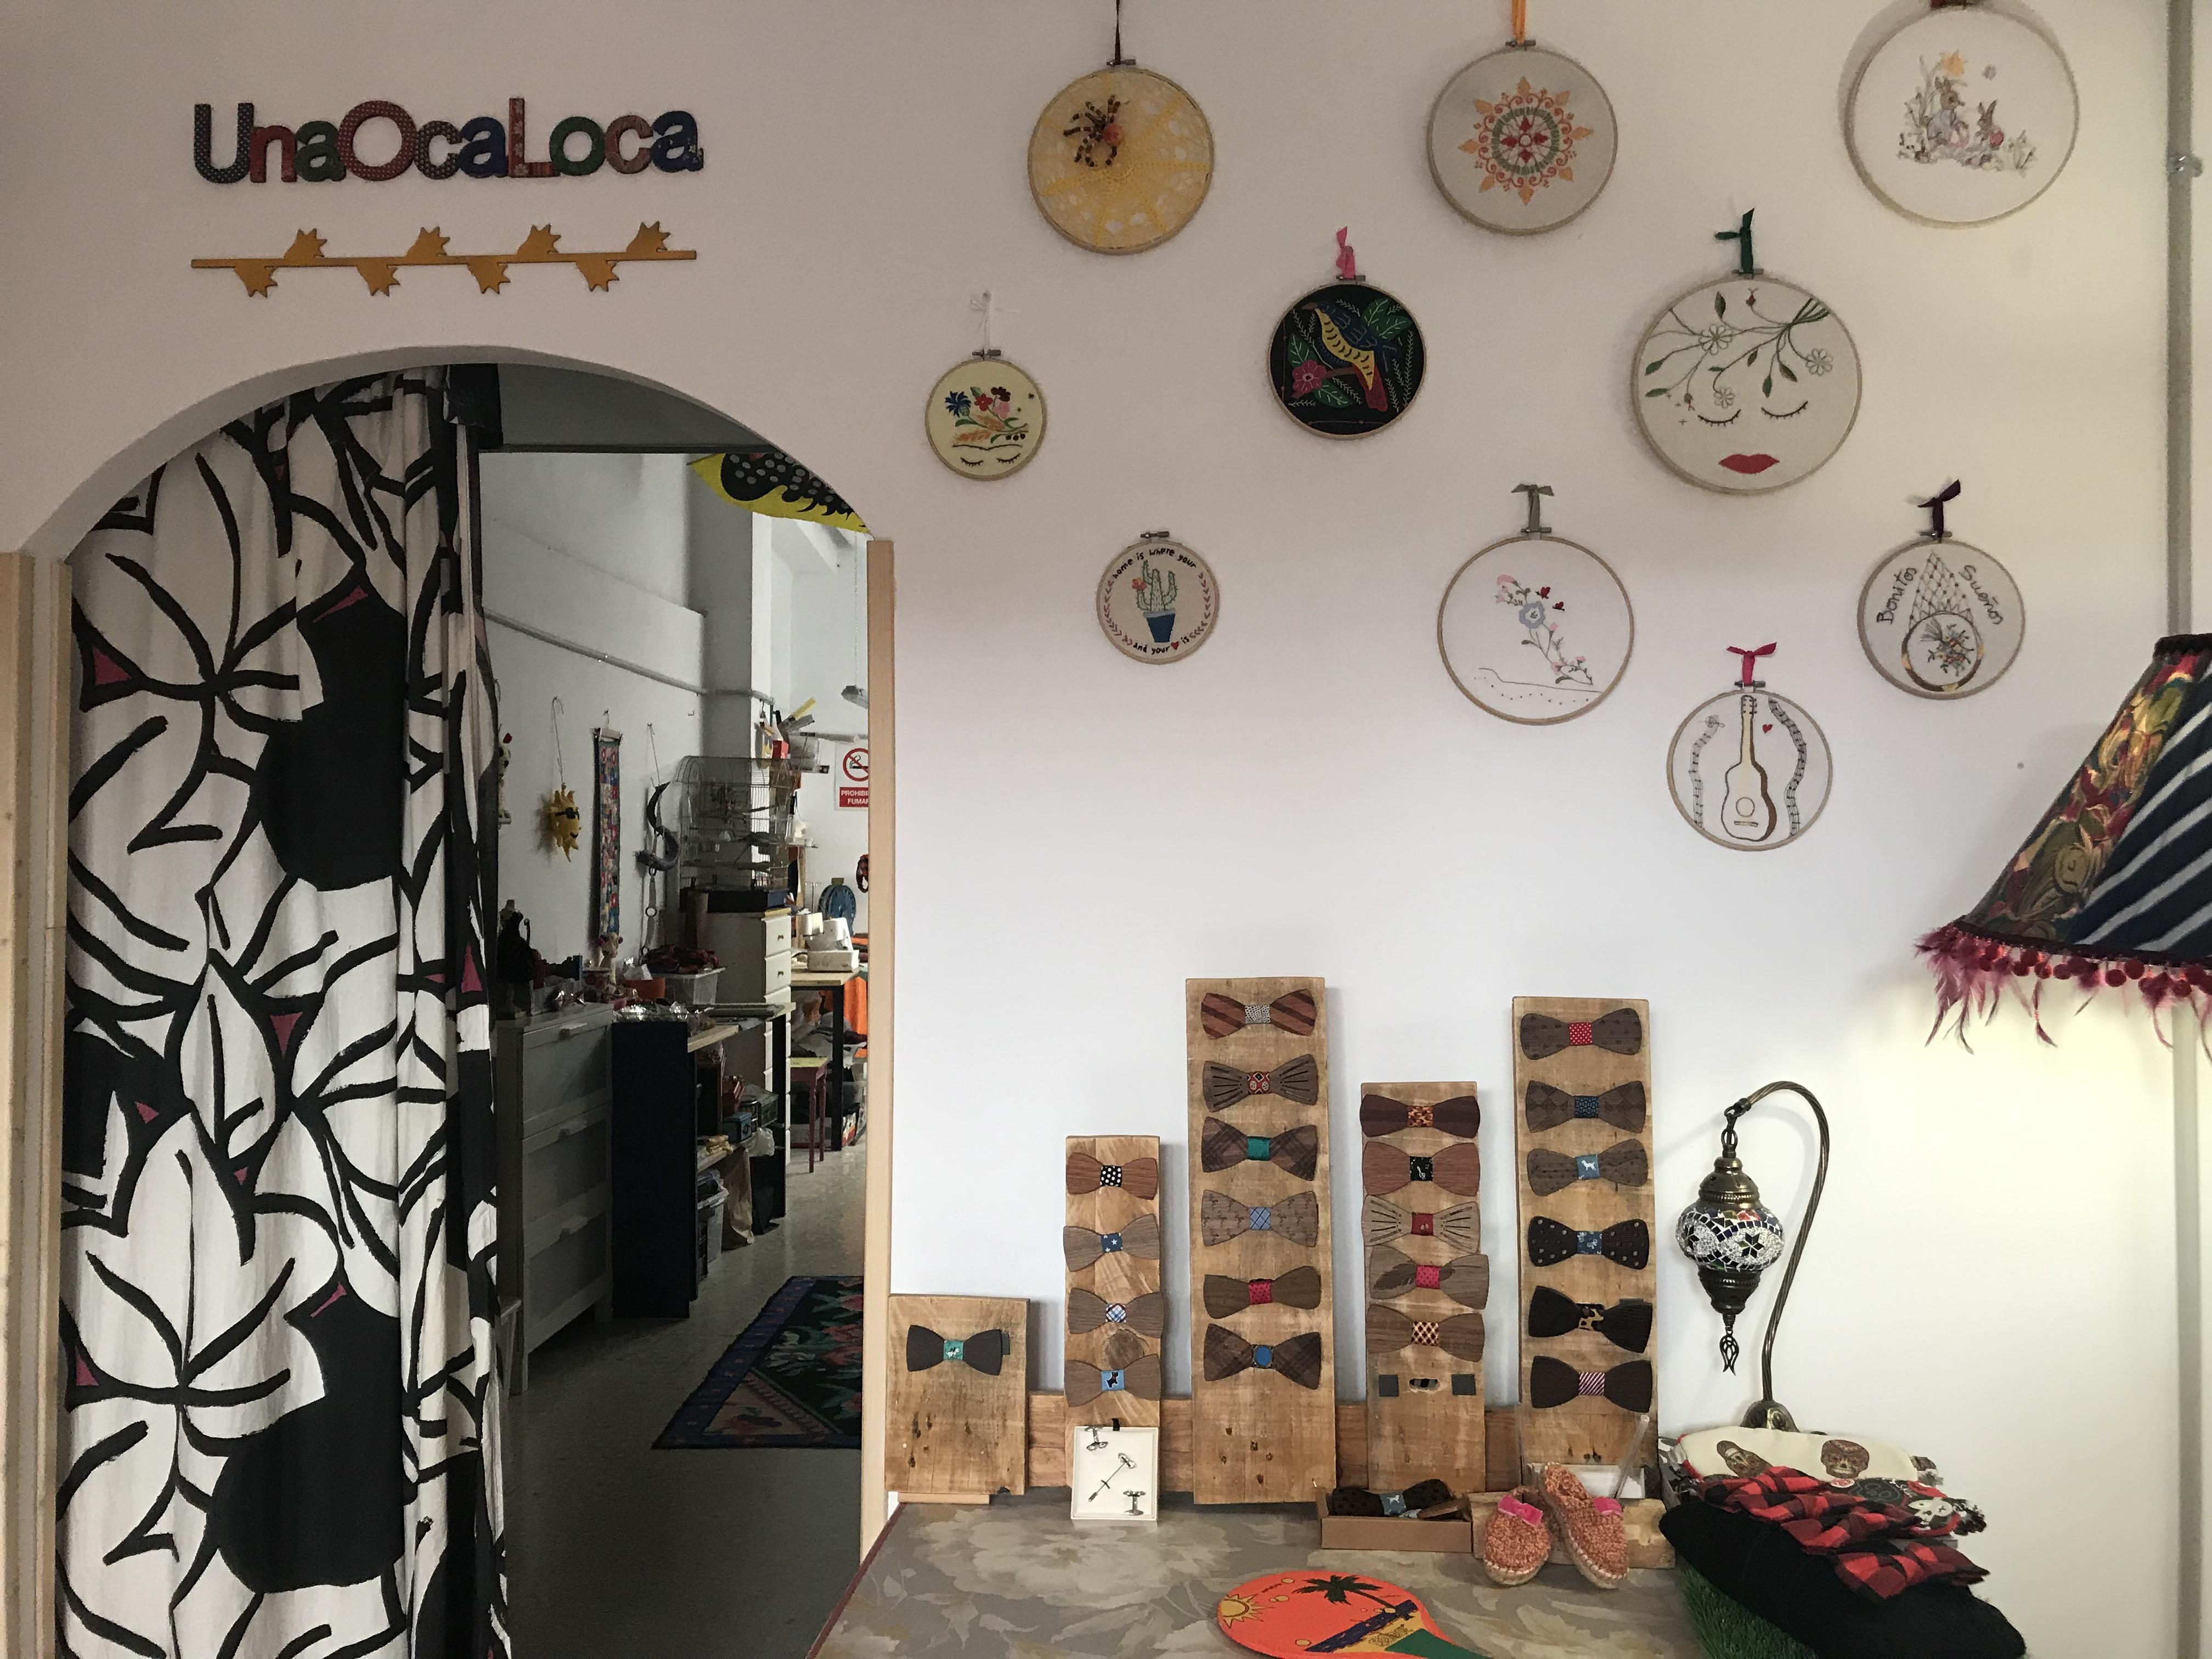 UnaOcaLoca - modista, costura creativa y upcycling - talleres y productos